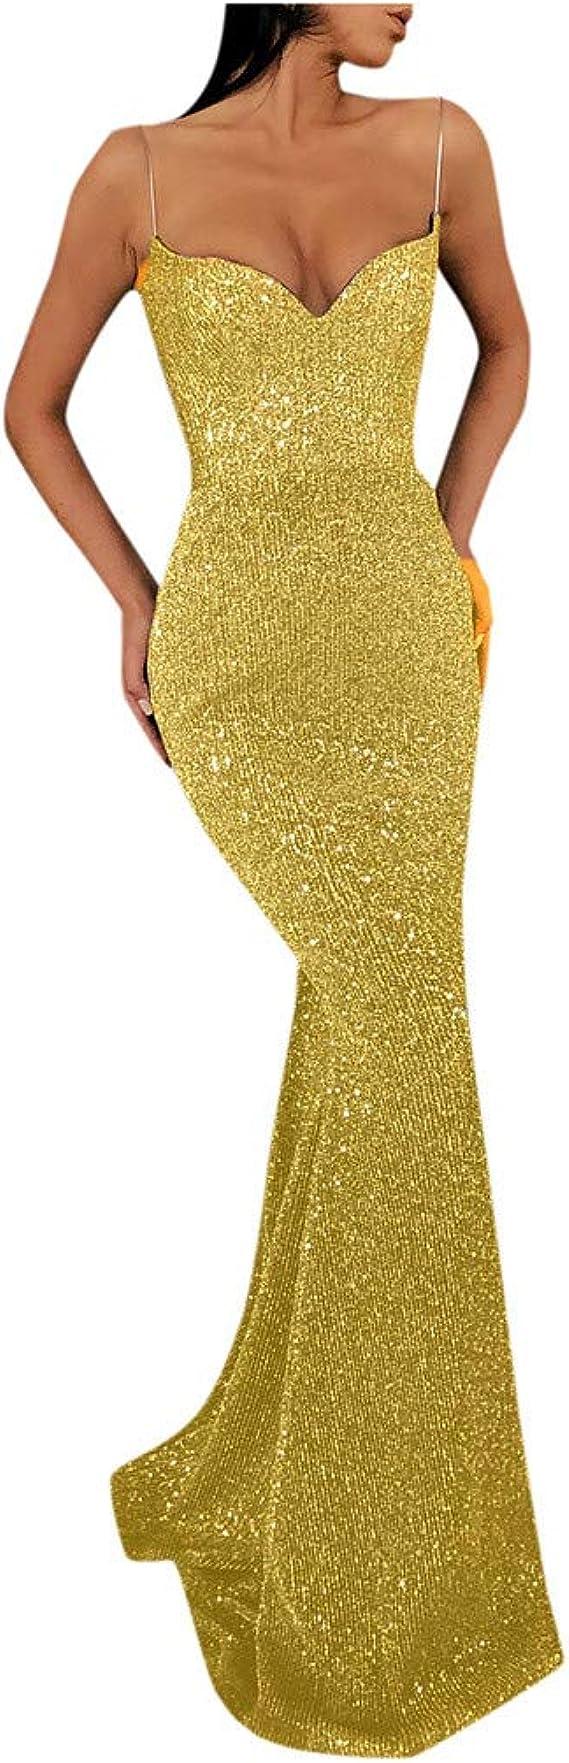 LIHAEI Damen Abendkleider Lang Glitzer TüLl Elegant Kleid Langarm Abend  Kleider Eine Schulter Sexy Partykleider Cocktailkleider Abiballkleider  Silber